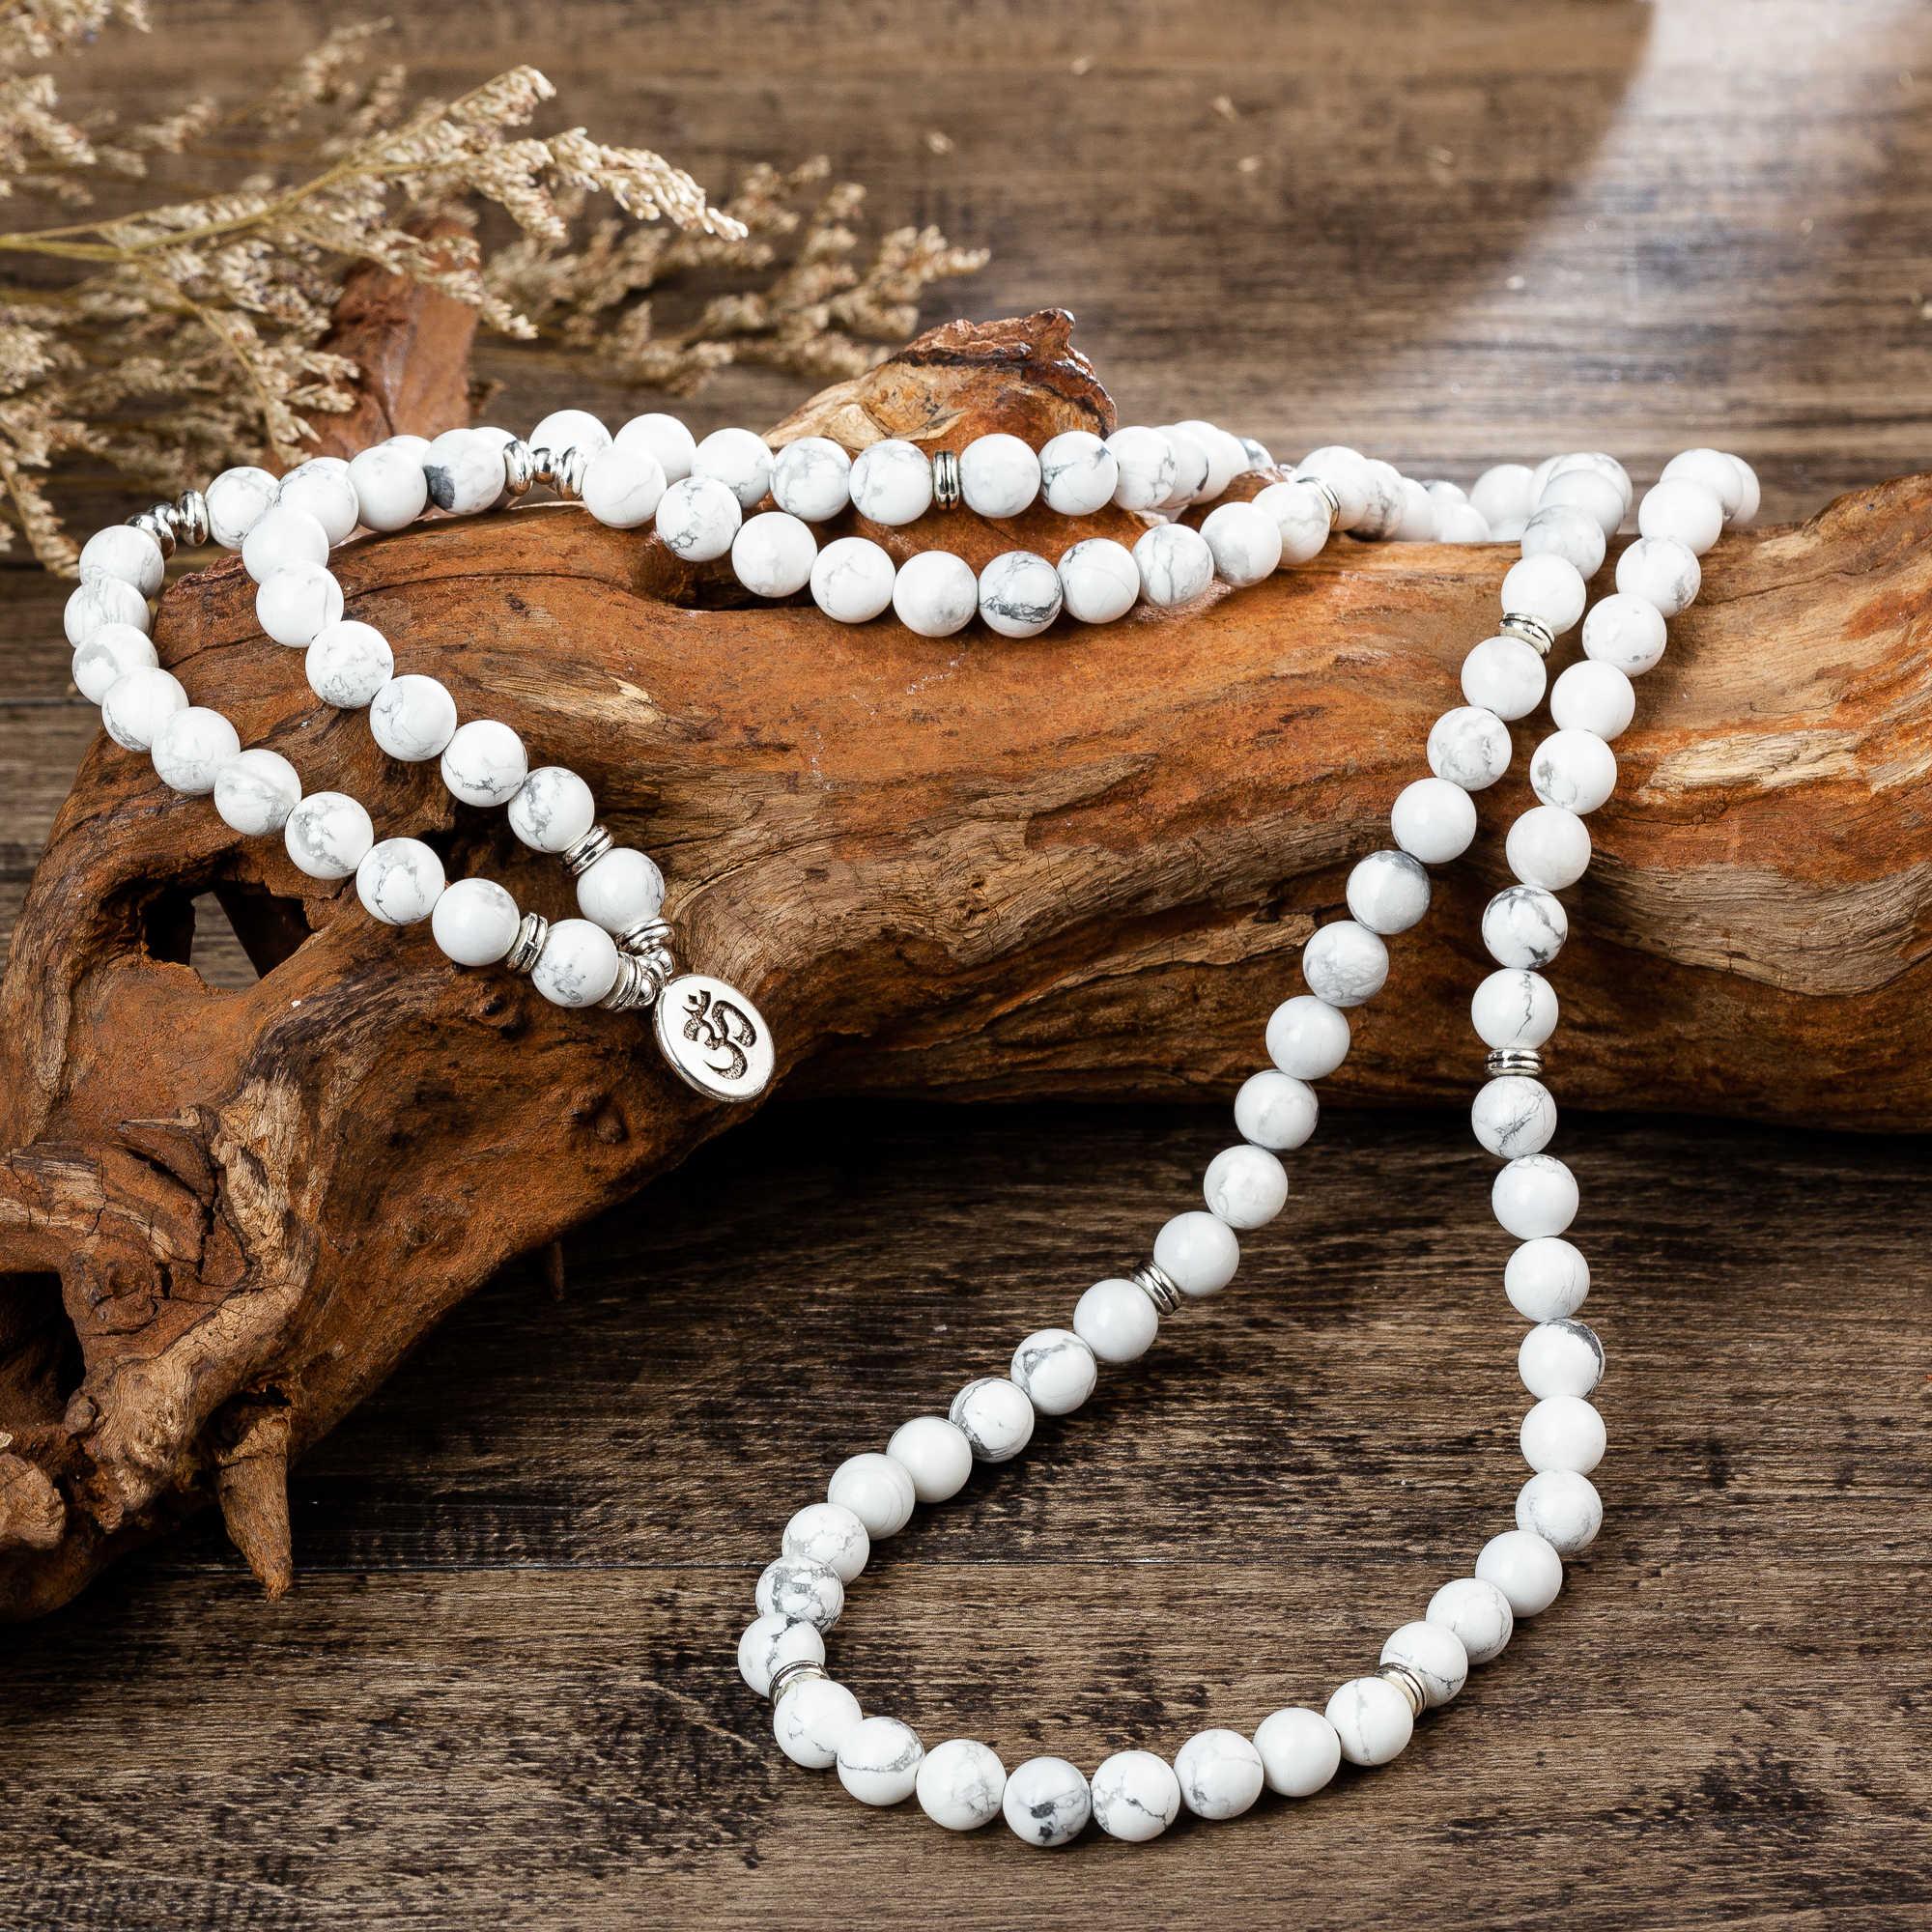 108 zroszony kamienie naturalne Mala budda lotos drzewo Chakra joga para Charmed rozciągliwe bransoletki ze sznurków